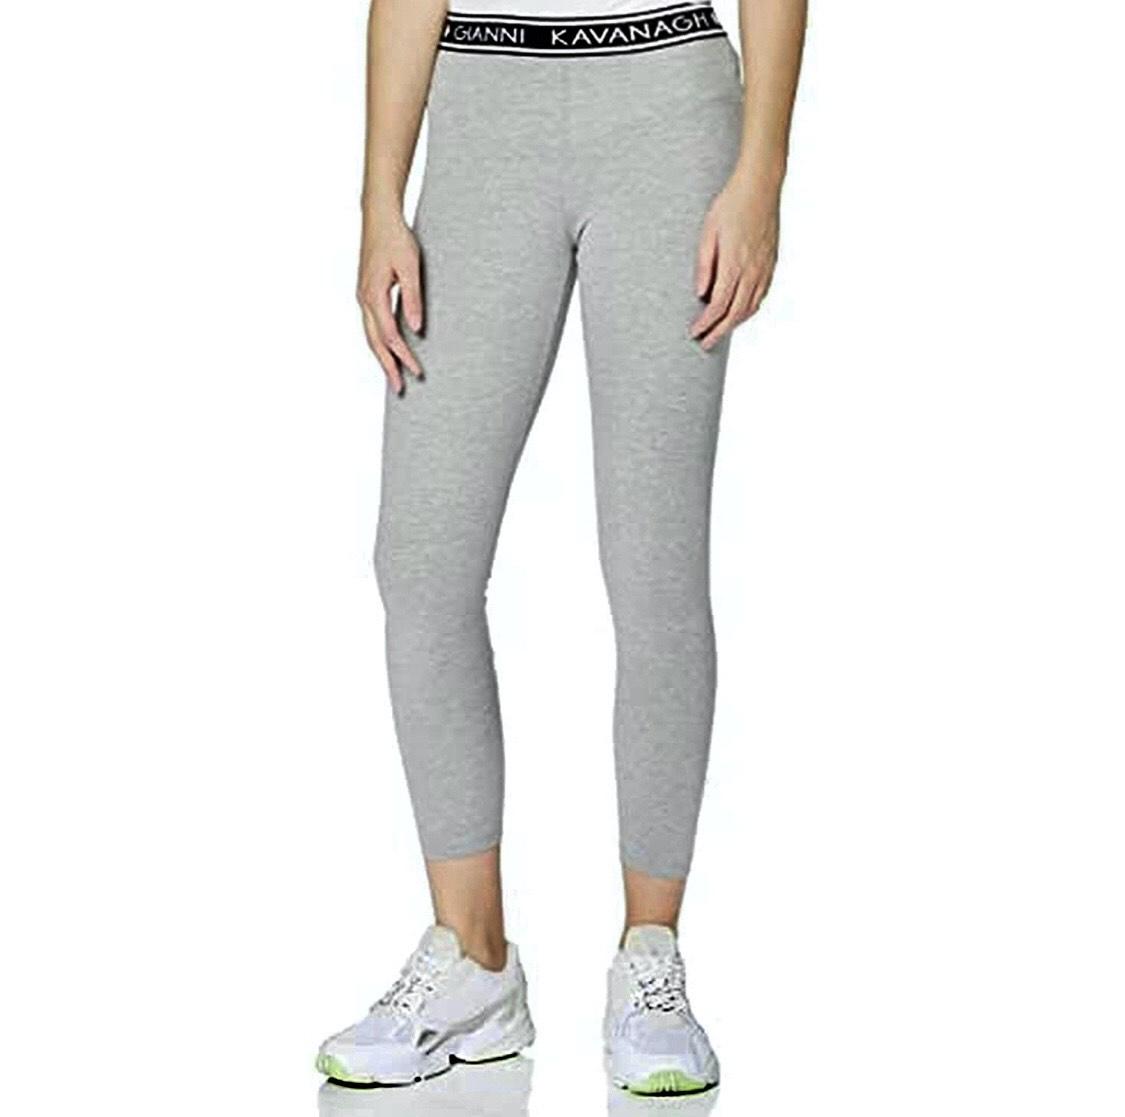 Leggings deportivos Gianni Kavanagh mujer talla L (negro a 11,71€ en descripción)